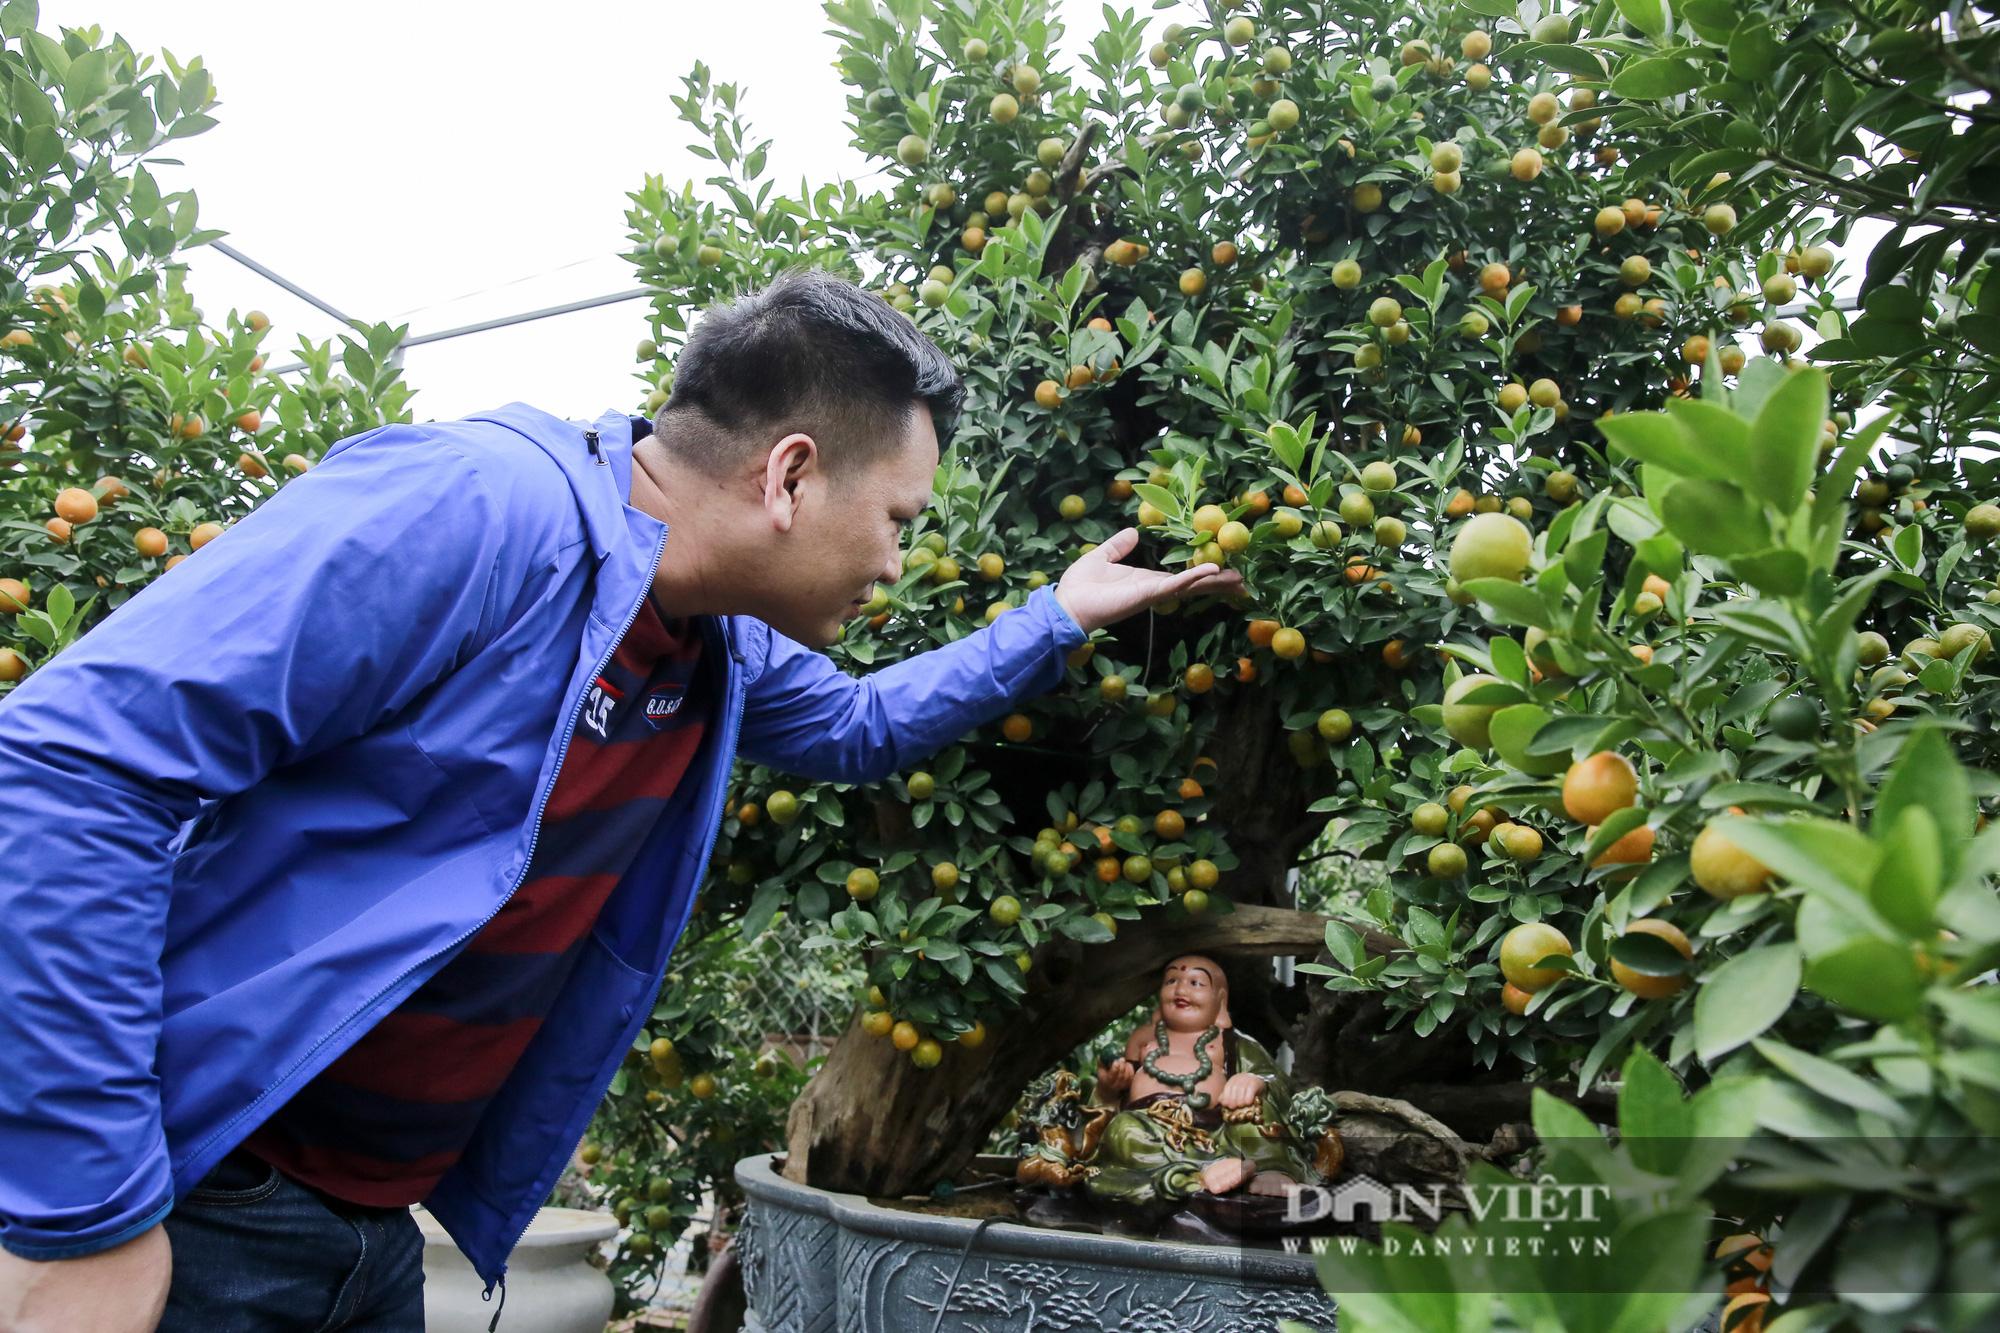 Cực phẩm quất ghép gỗ lũa giá ngàn đô thu hút giới nhà giàu chơi Tết Tân Sửu 2021 - Ảnh 8.